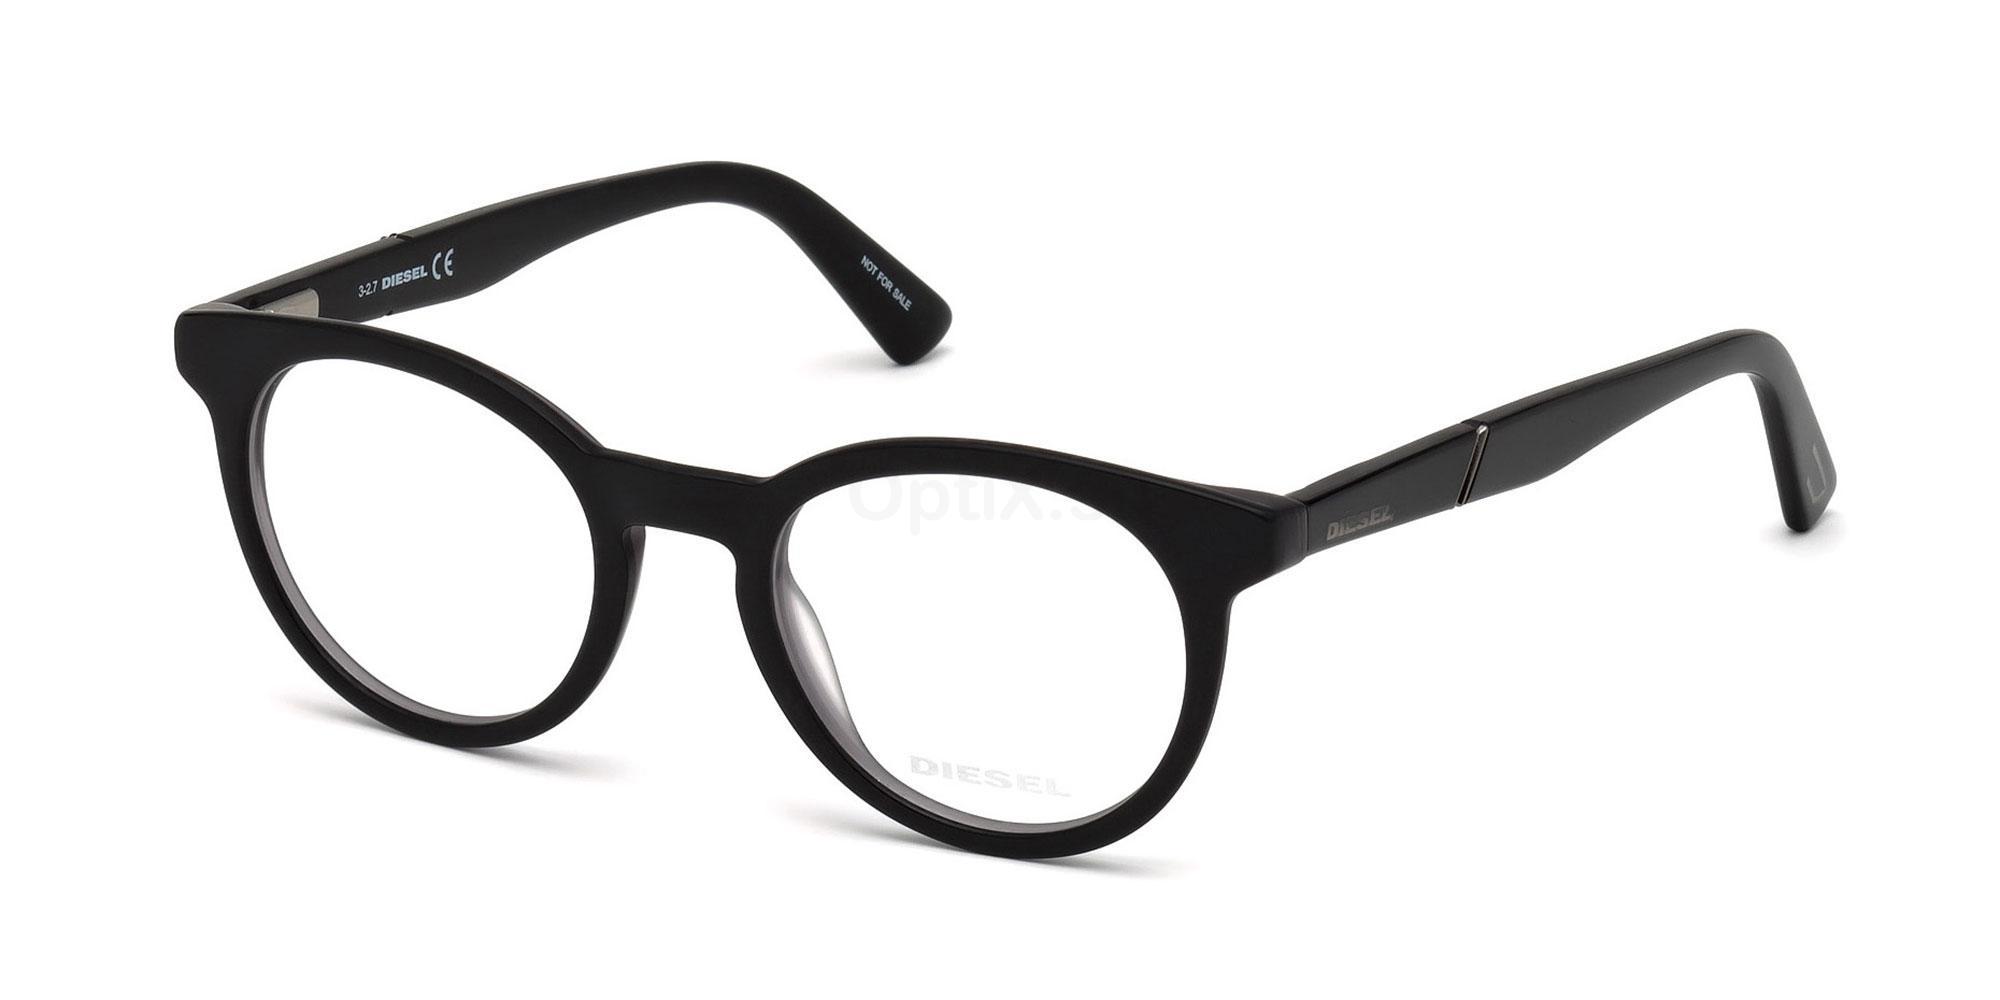 001 DL5279 Glasses, Diesel